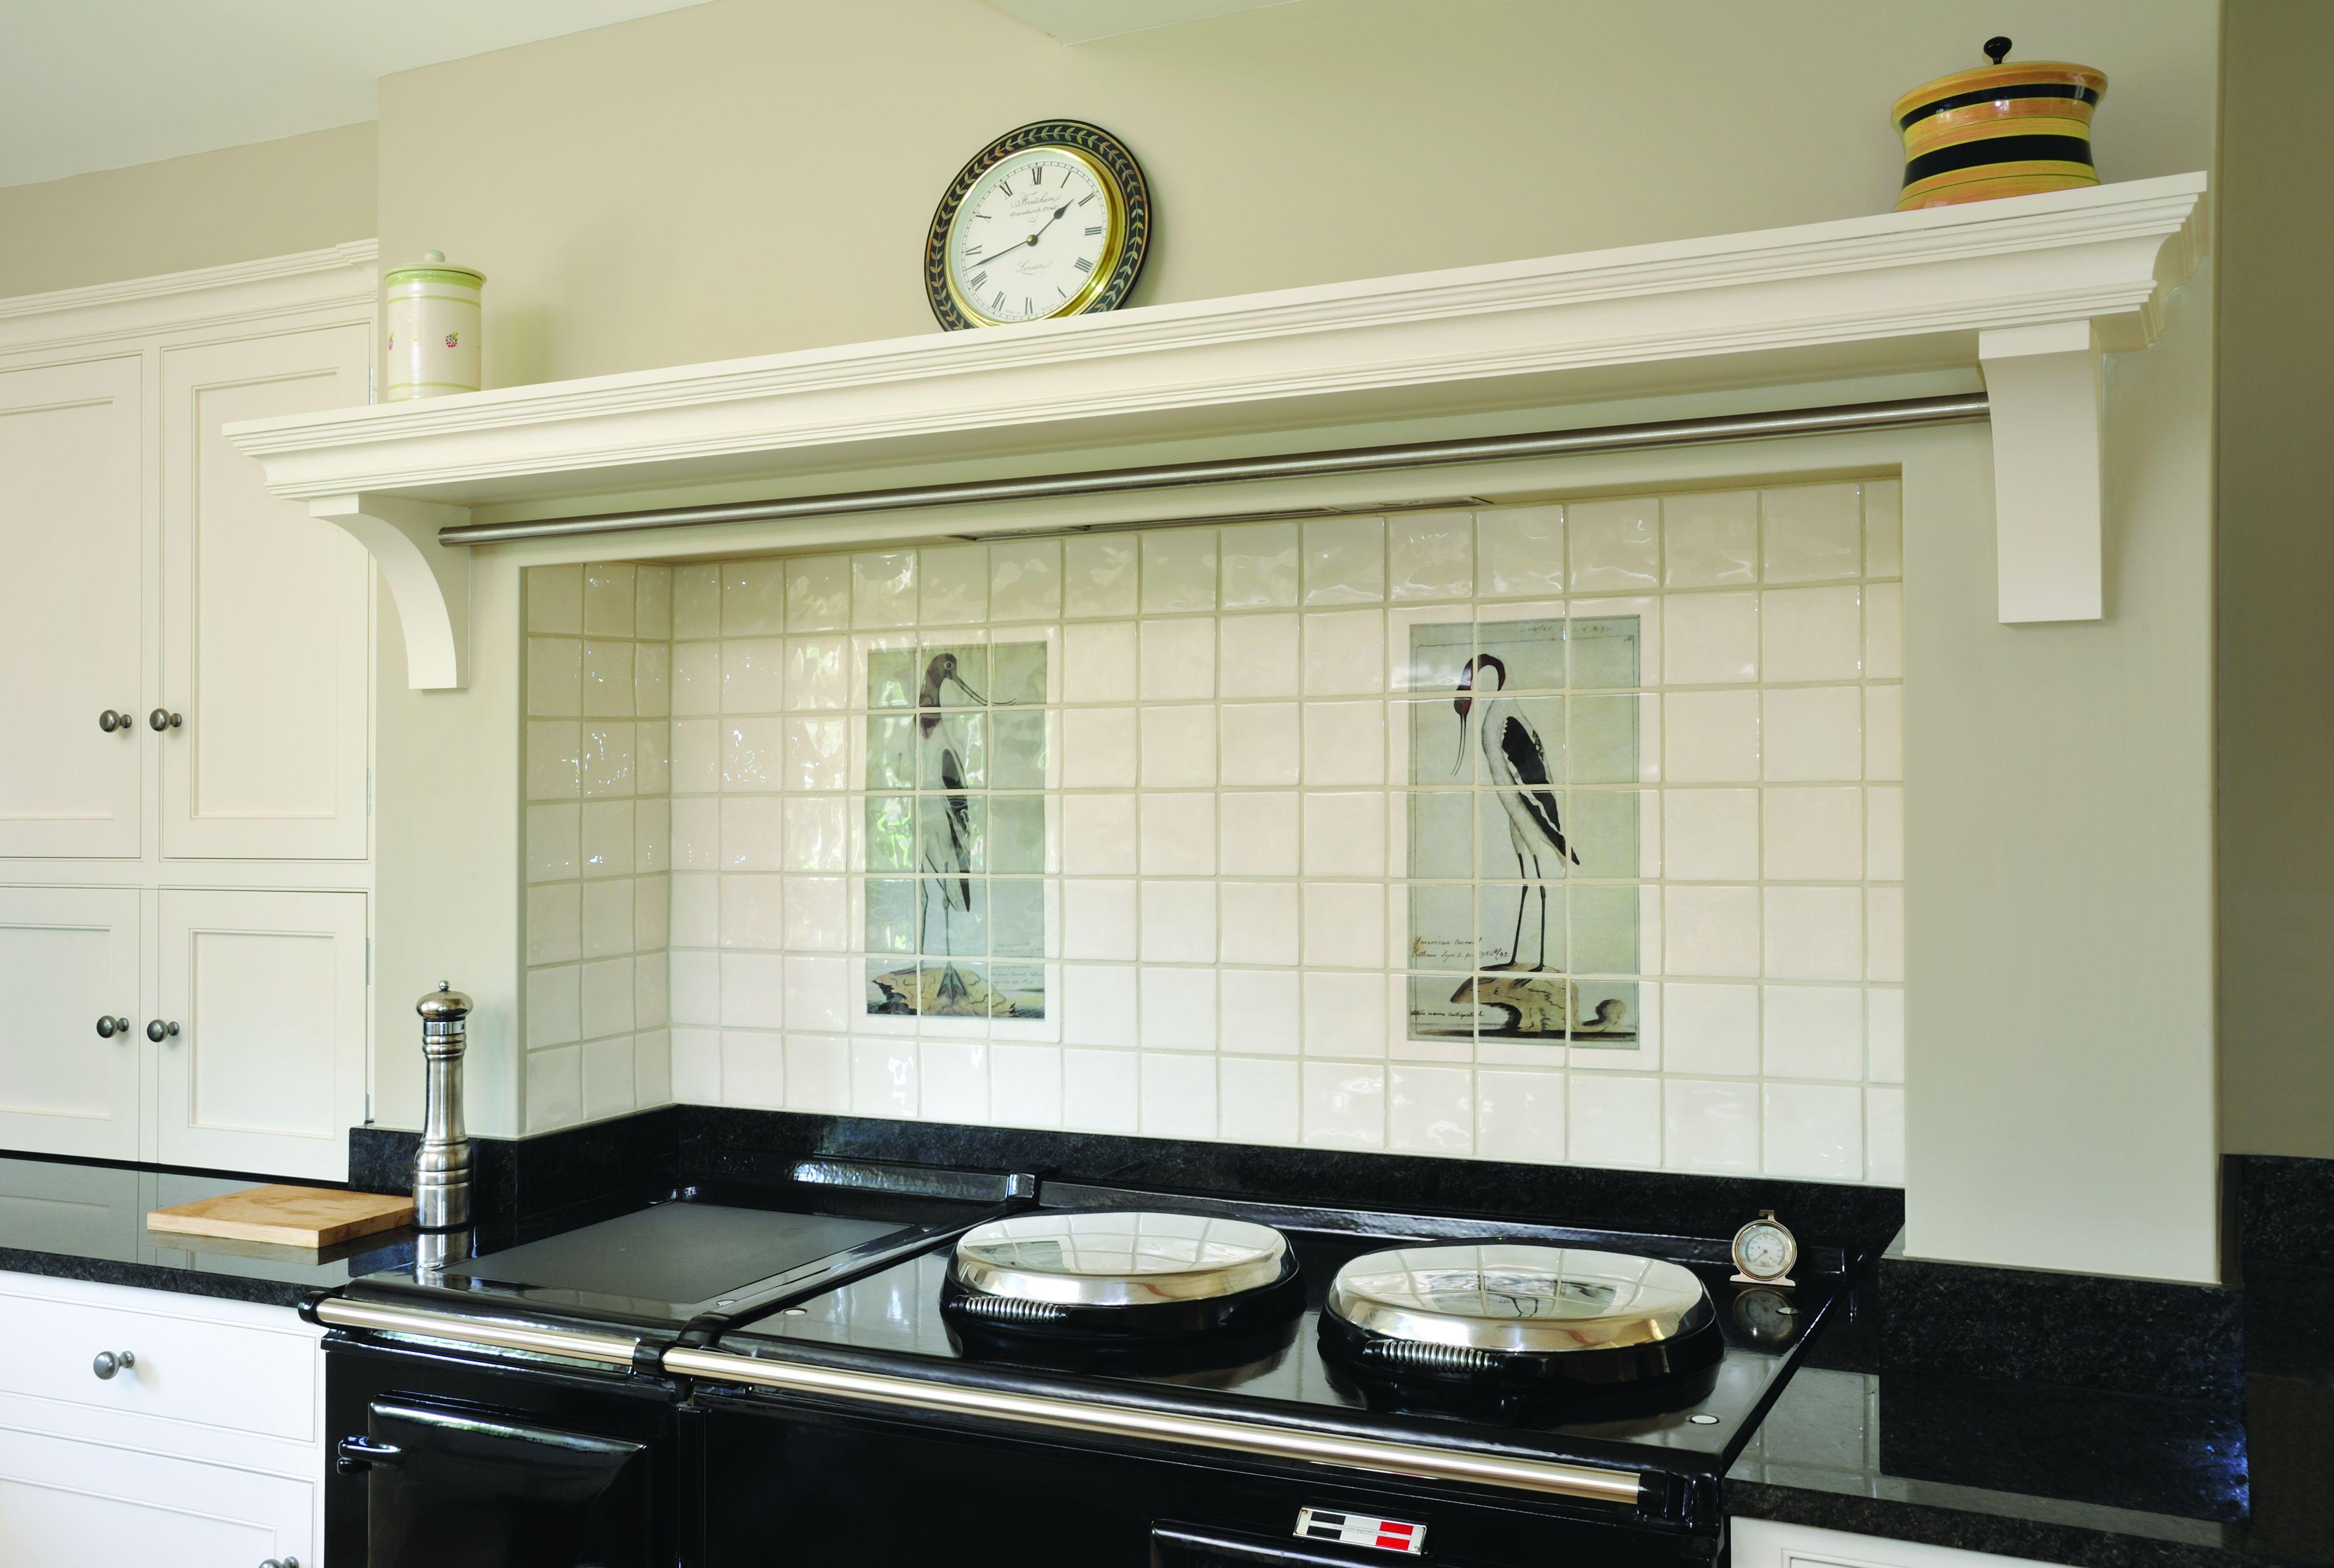 Tiled oven splashback husky 52 tool chest